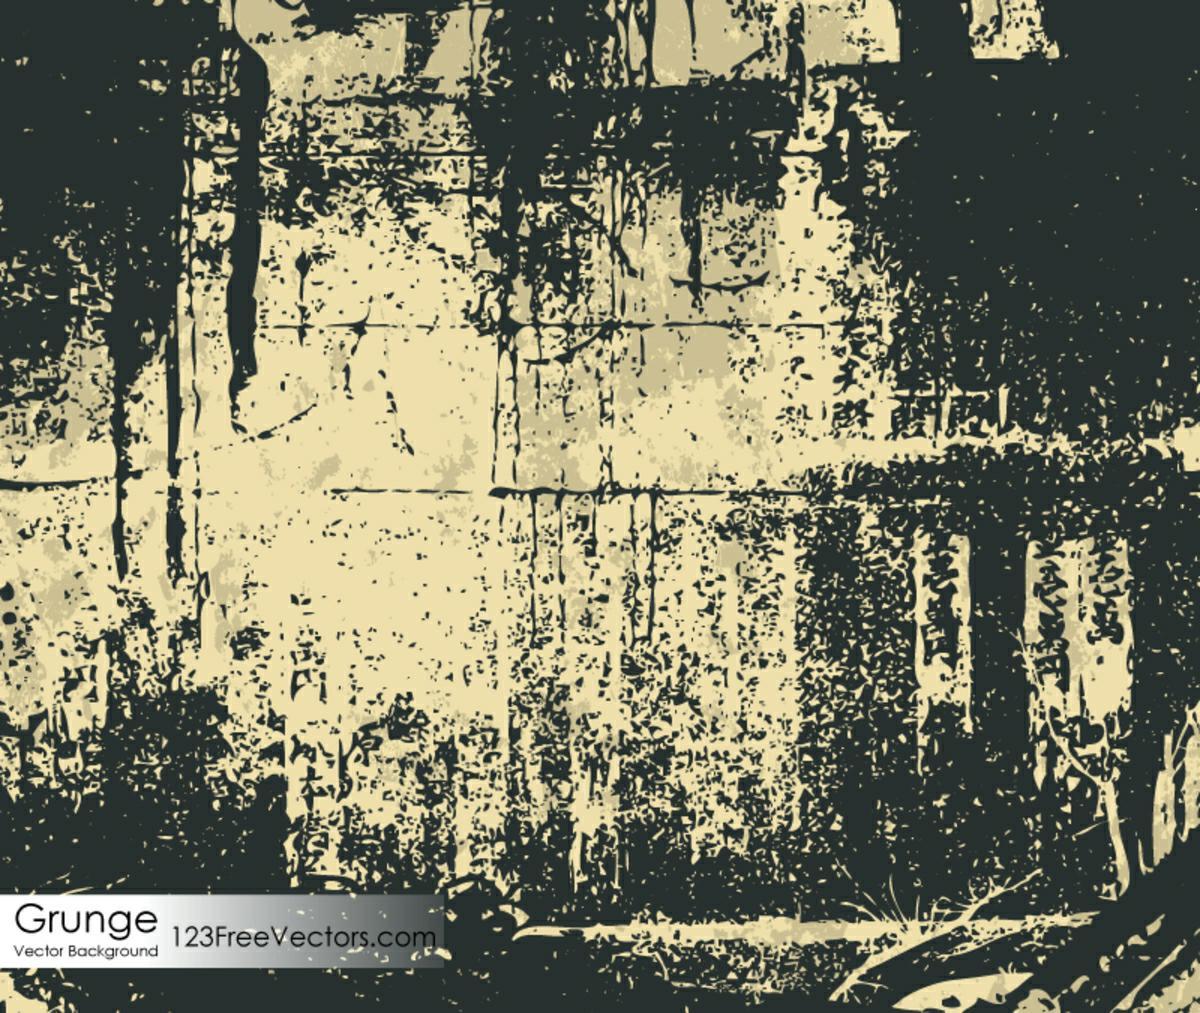 0006_纹理_AI复古破旧痕迹纹理背景矢量设计素材大图02辑-Grunge-Background-005_xPX_AI_DPI_3.1_0